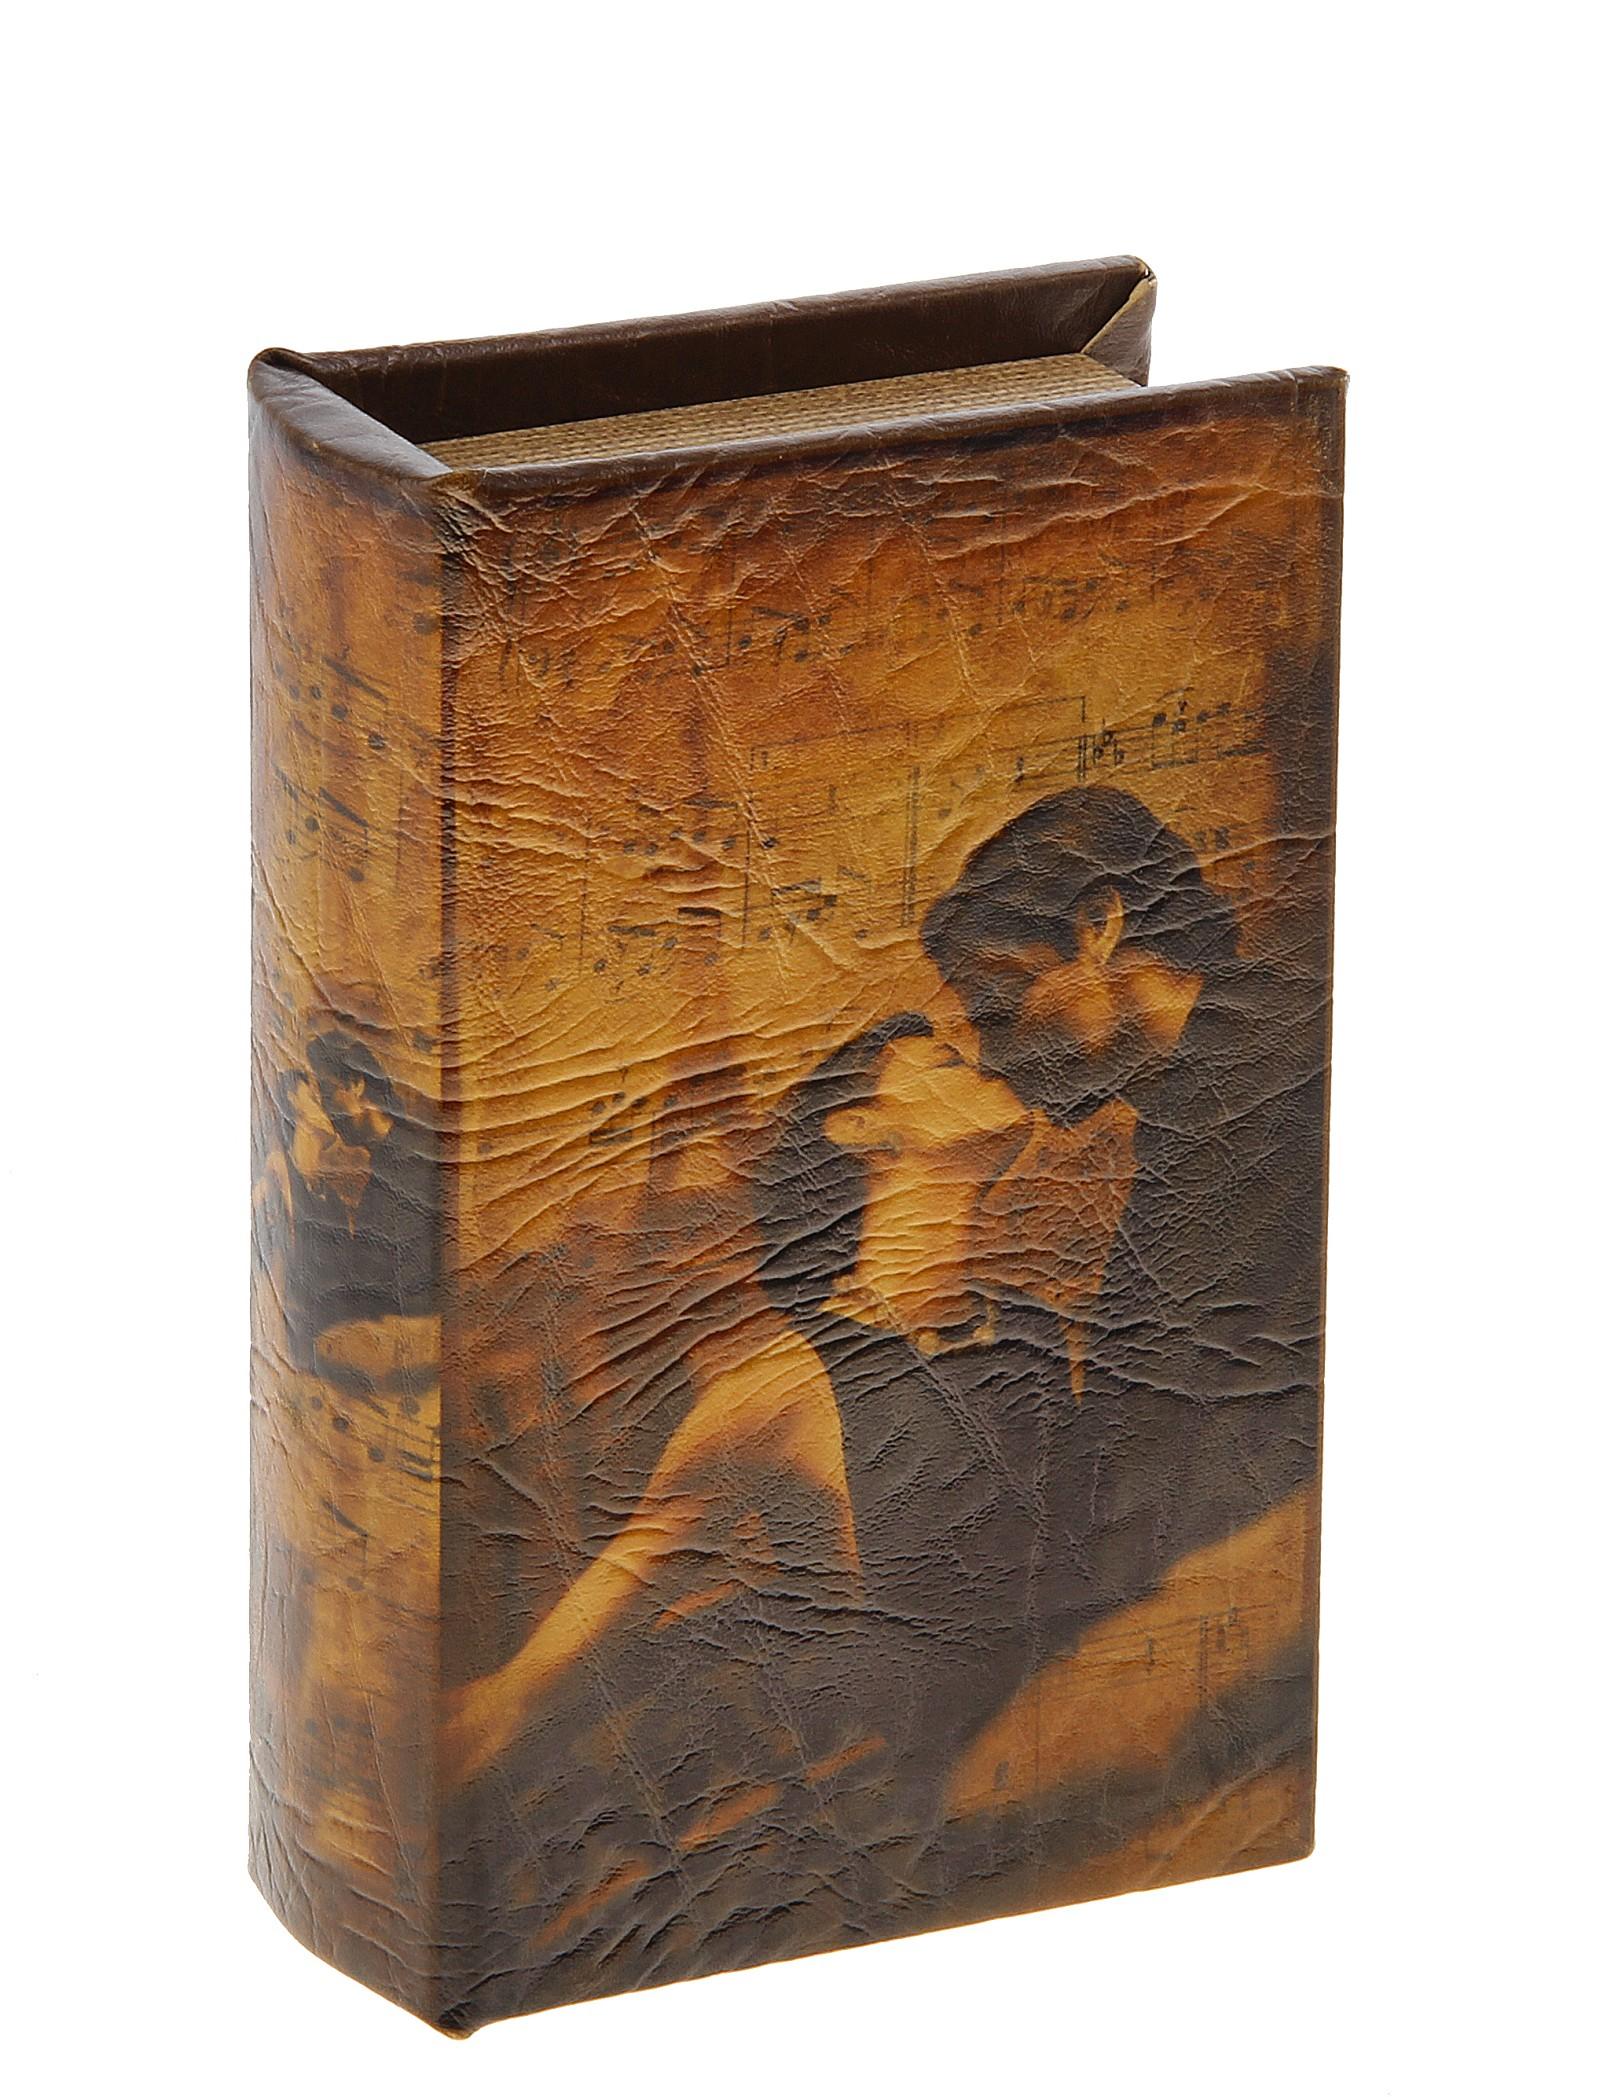 Шкатулка-книга Поцелуй. 444172444172Оригинальное оформление шкатулки, несомненно, привлечет внимание. Шкатулка Поцелуй изготовлена в виде книги, поверхность которой выполнена из кожзама и оформлена изображением молодой влюблённой пары. Такая шкатулка может использоваться для хранения бижутерии, в качестве украшения интерьера, а также послужит хорошим подарком для человека, ценящего практичные и оригинальные вещи. Характеристики: Материал: дерево, кожзам. Цвет: коричневый. Размер шкатулки (в закрытом виде): 17 см х 11 см х 5 см. Размер упаковки: 18 см х 12 см х 6 см. Артикул: 444172.